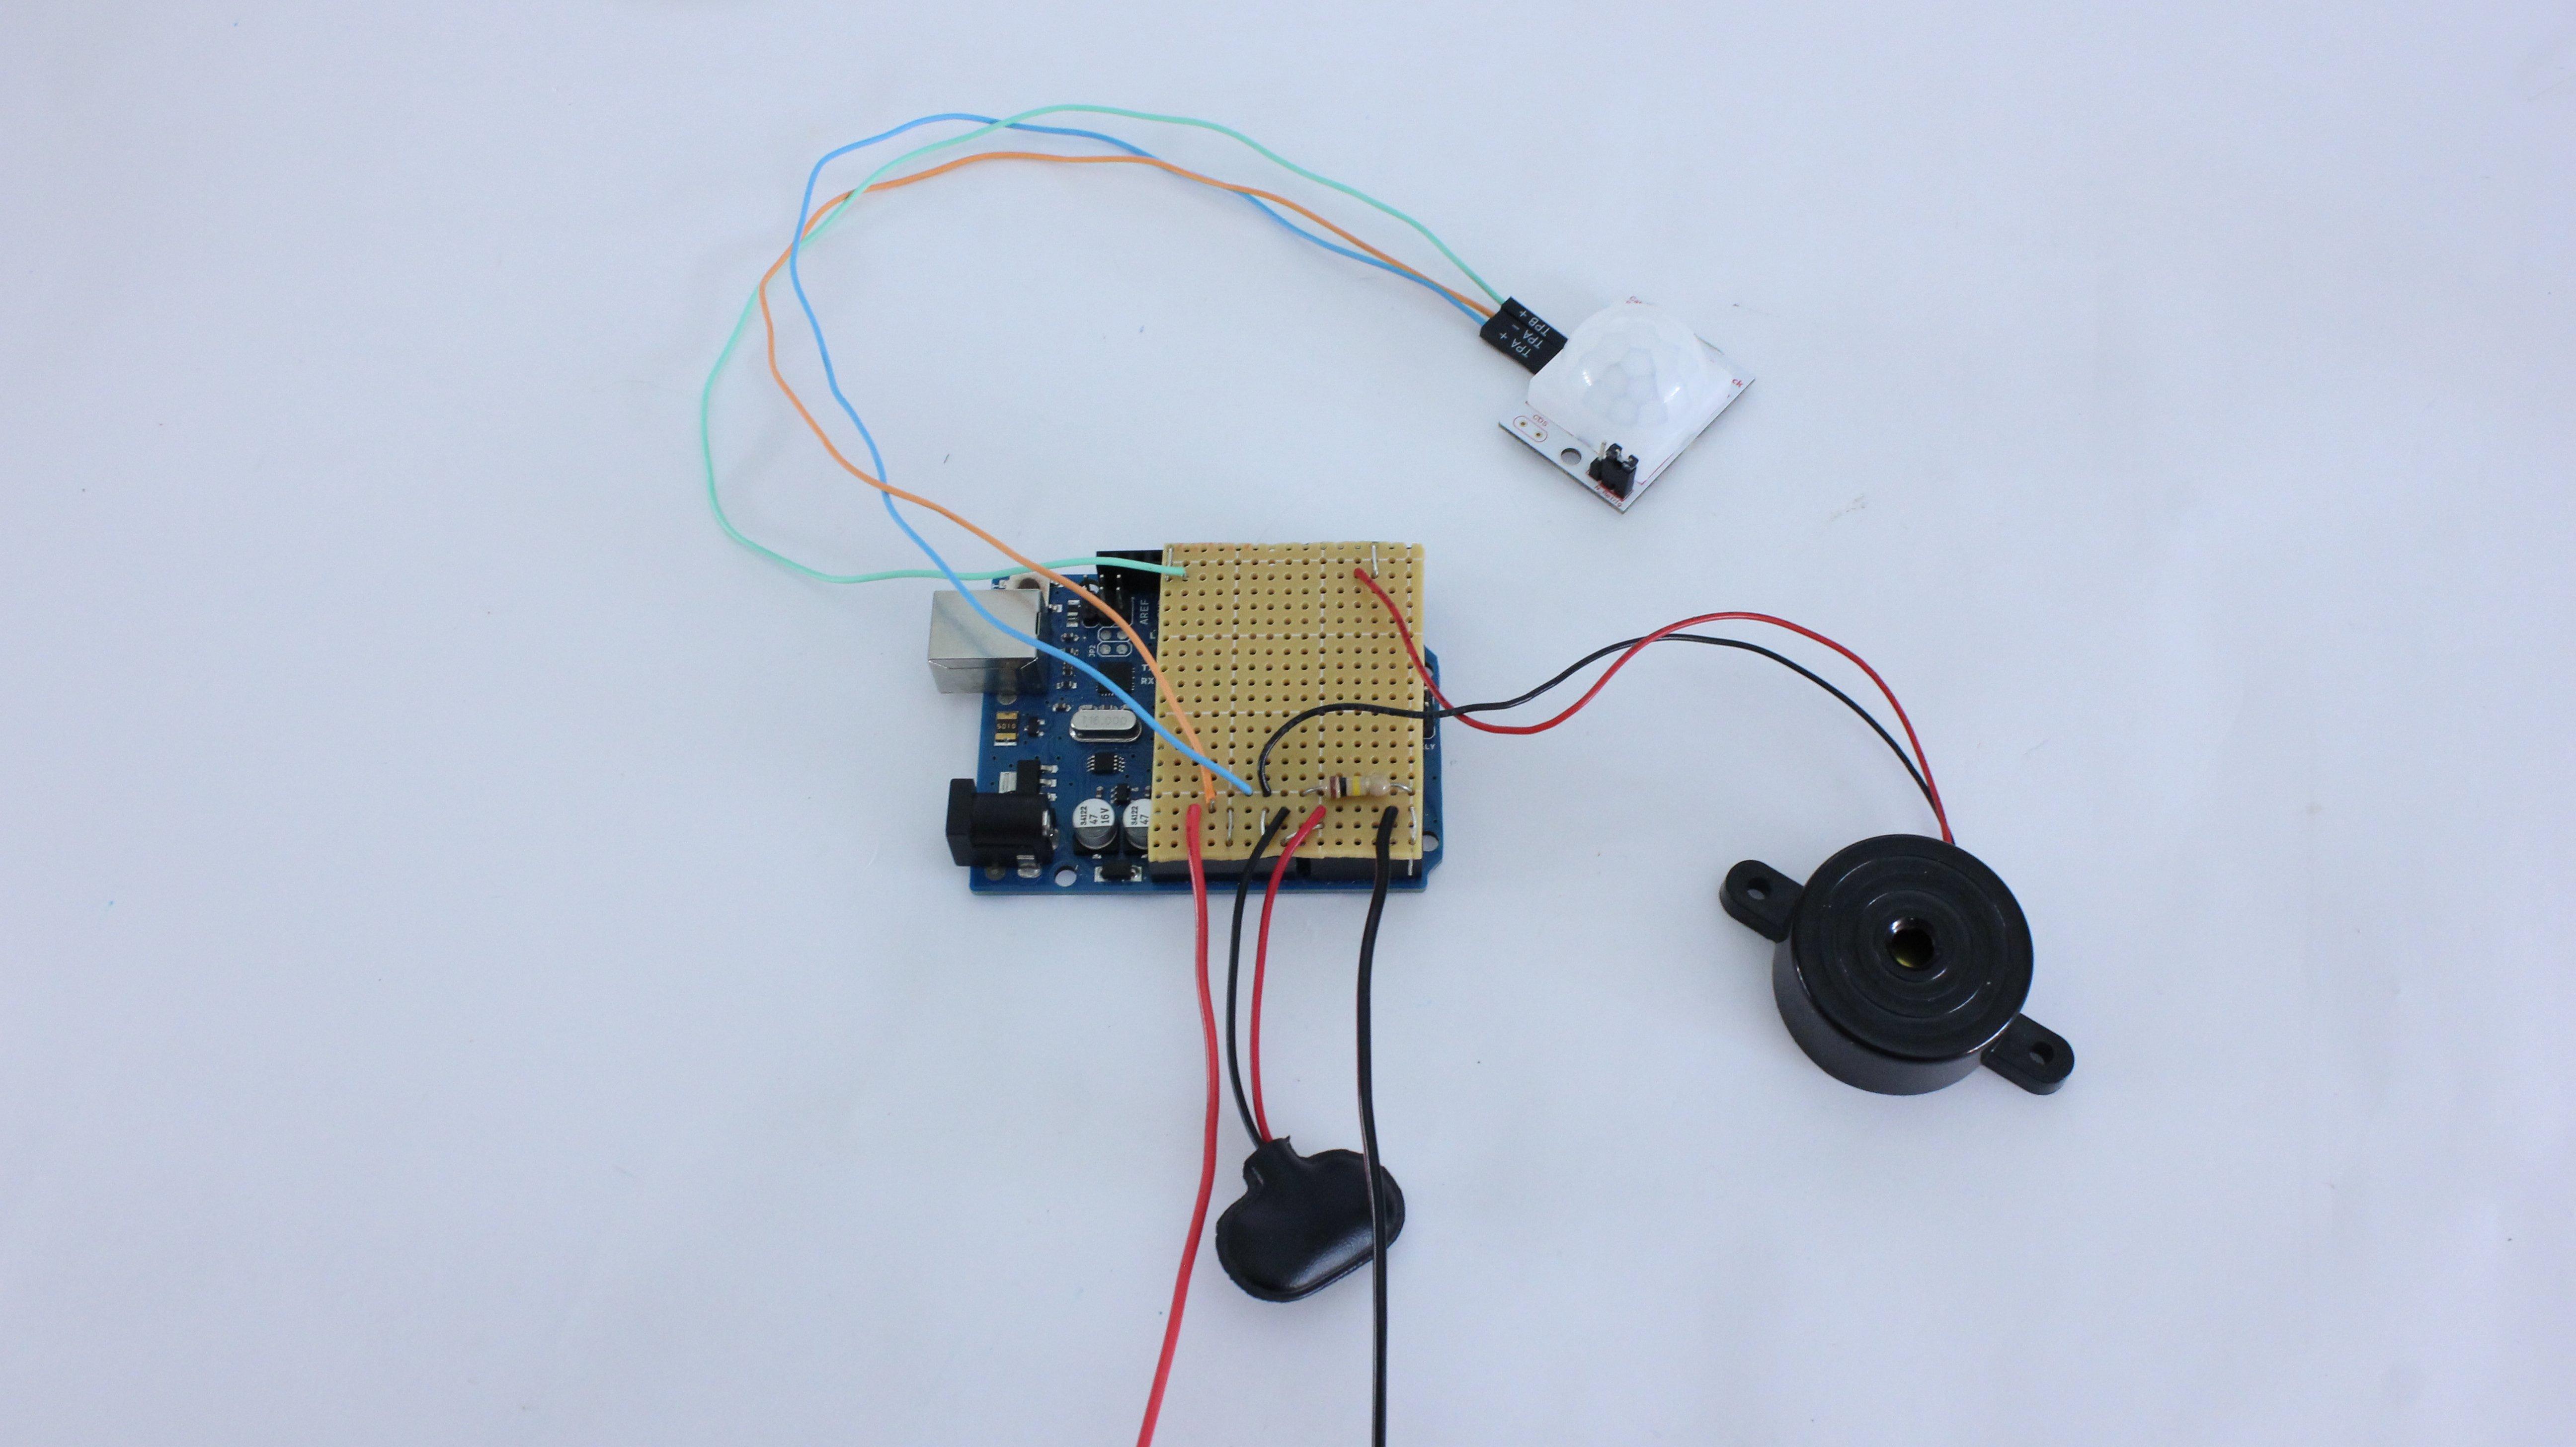 Motion-sensing alarm